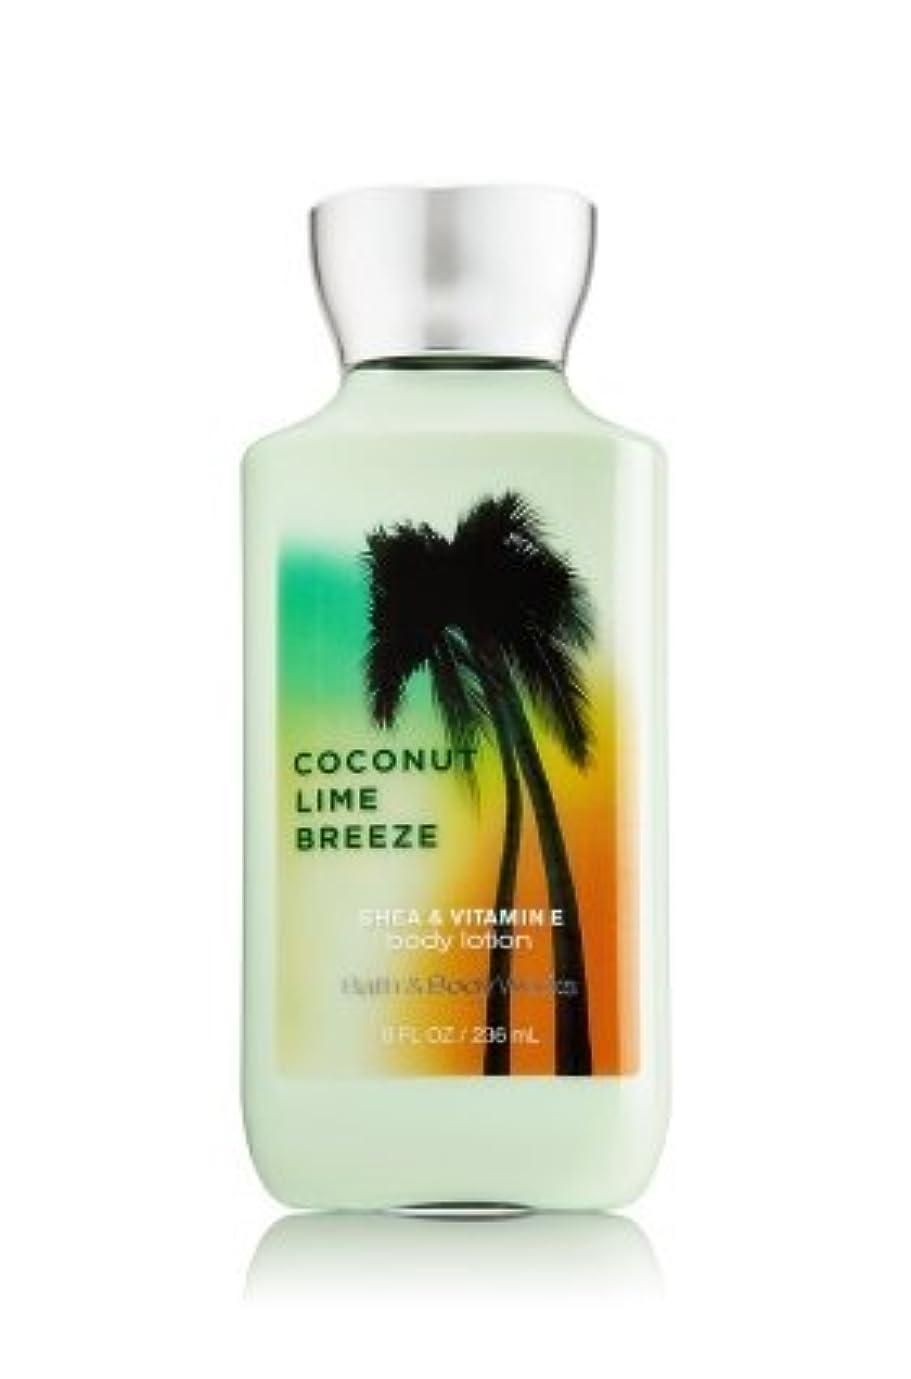 湿ったストレージメキシコ【Bath&Body Works/バス&ボディワークス】 ボディローション ココナッツライムブリーズ Body Lotion Japanese Coconut Lime Breeze 8 fl oz / 236 mL [並行輸入品]